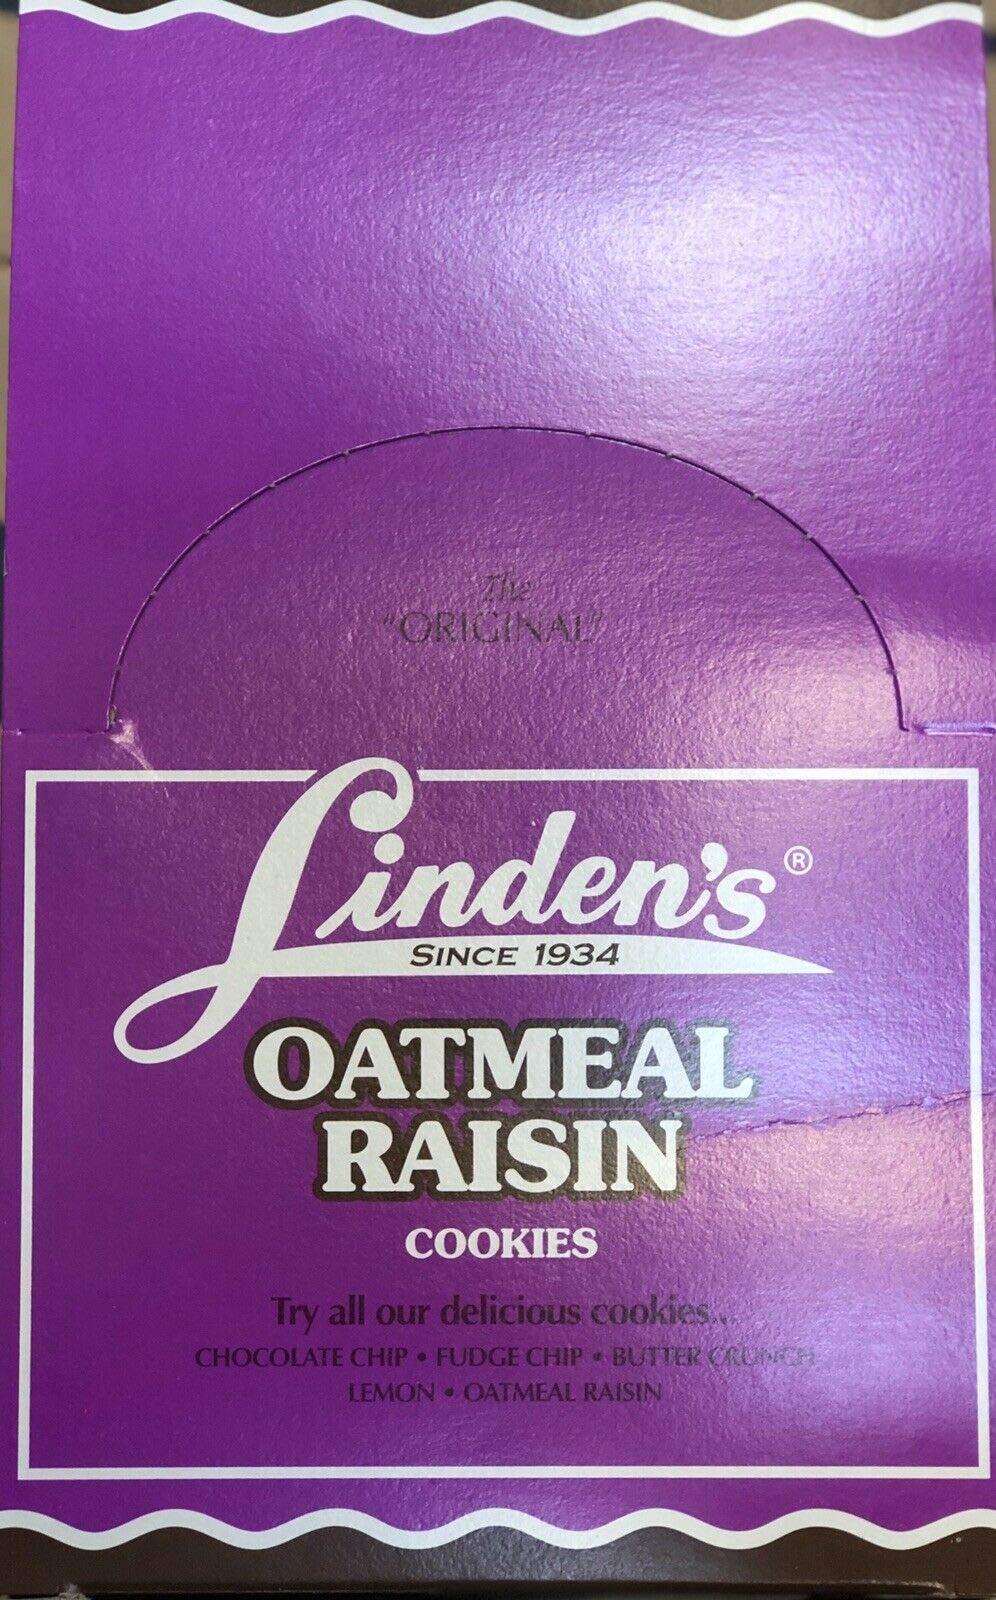 Linden's Oatmeal Raisin Cookies, 3 Cookies Per Pack, 18 Packs Per Box by Linden's Cookies